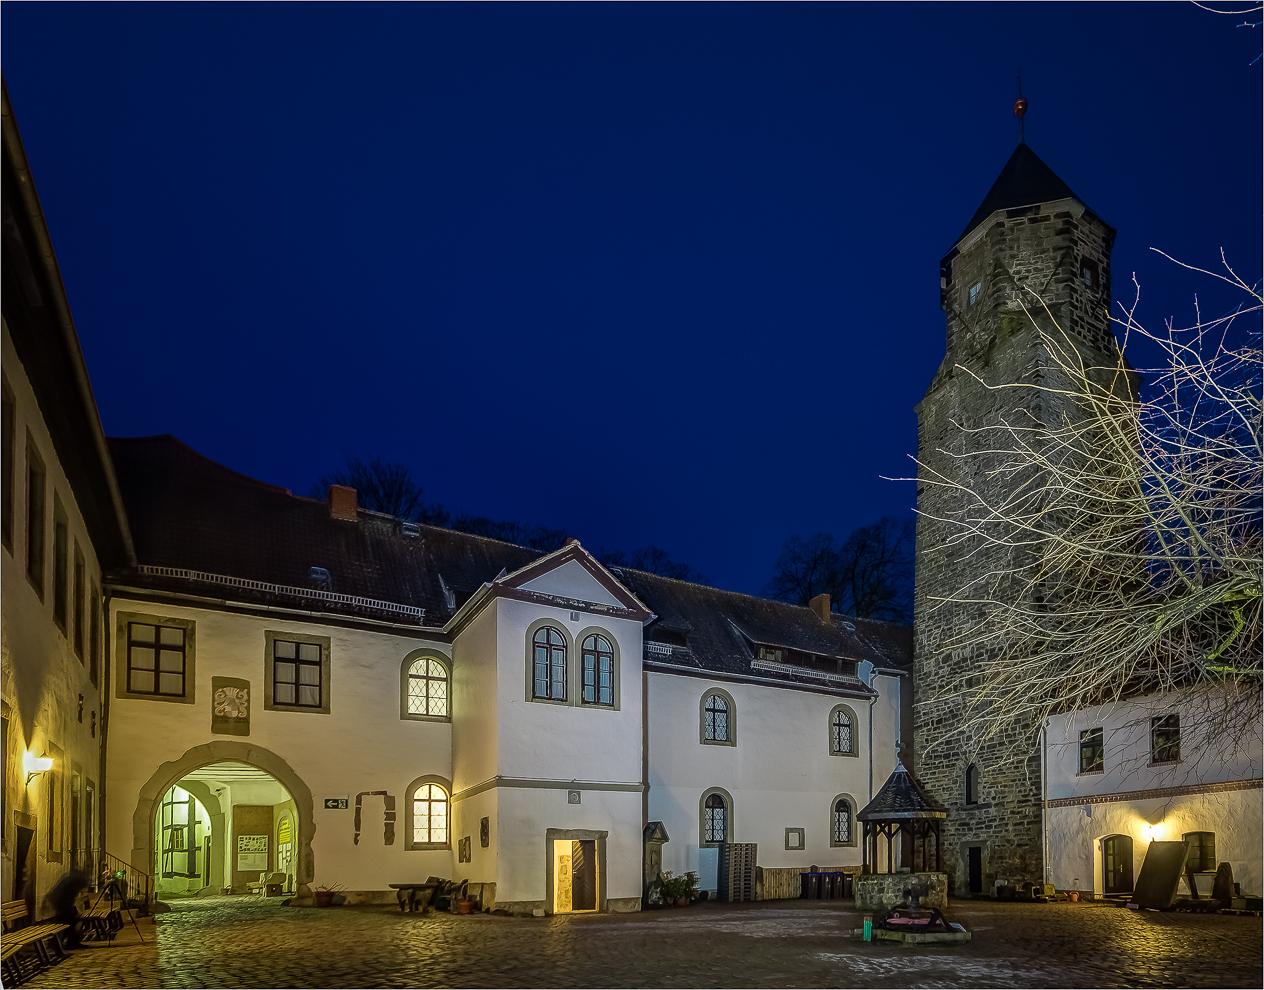 Burg Ummendorf/Börde